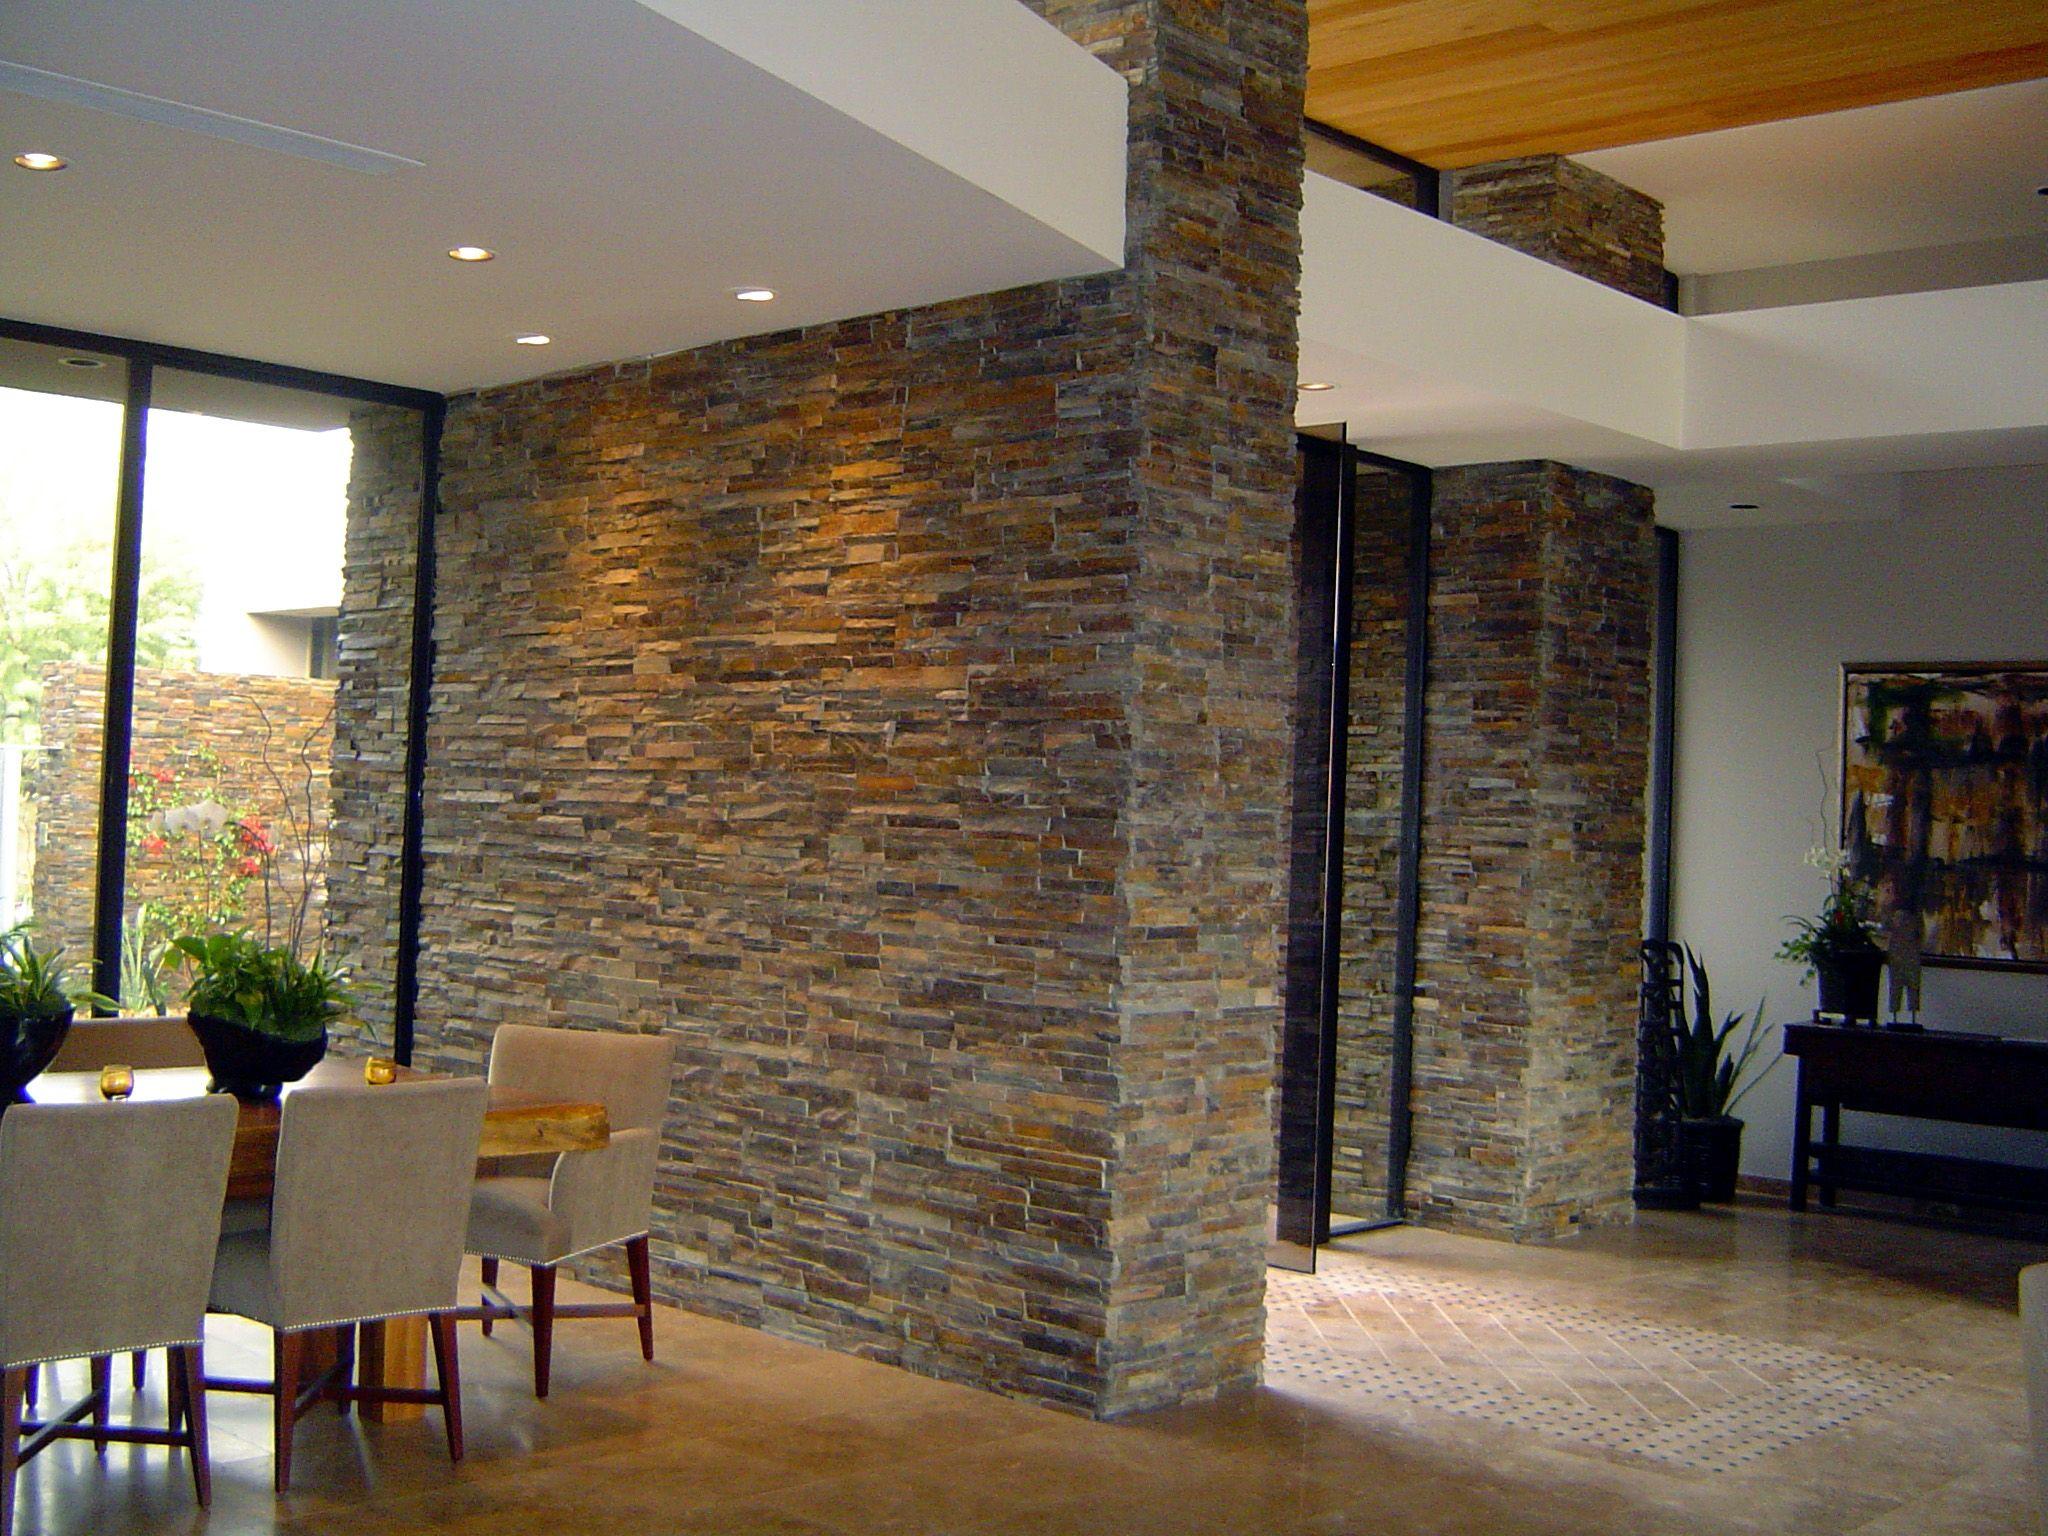 Estupendo sal n decorado con paneles premontados de piedra - Salones decorados con piedra ...